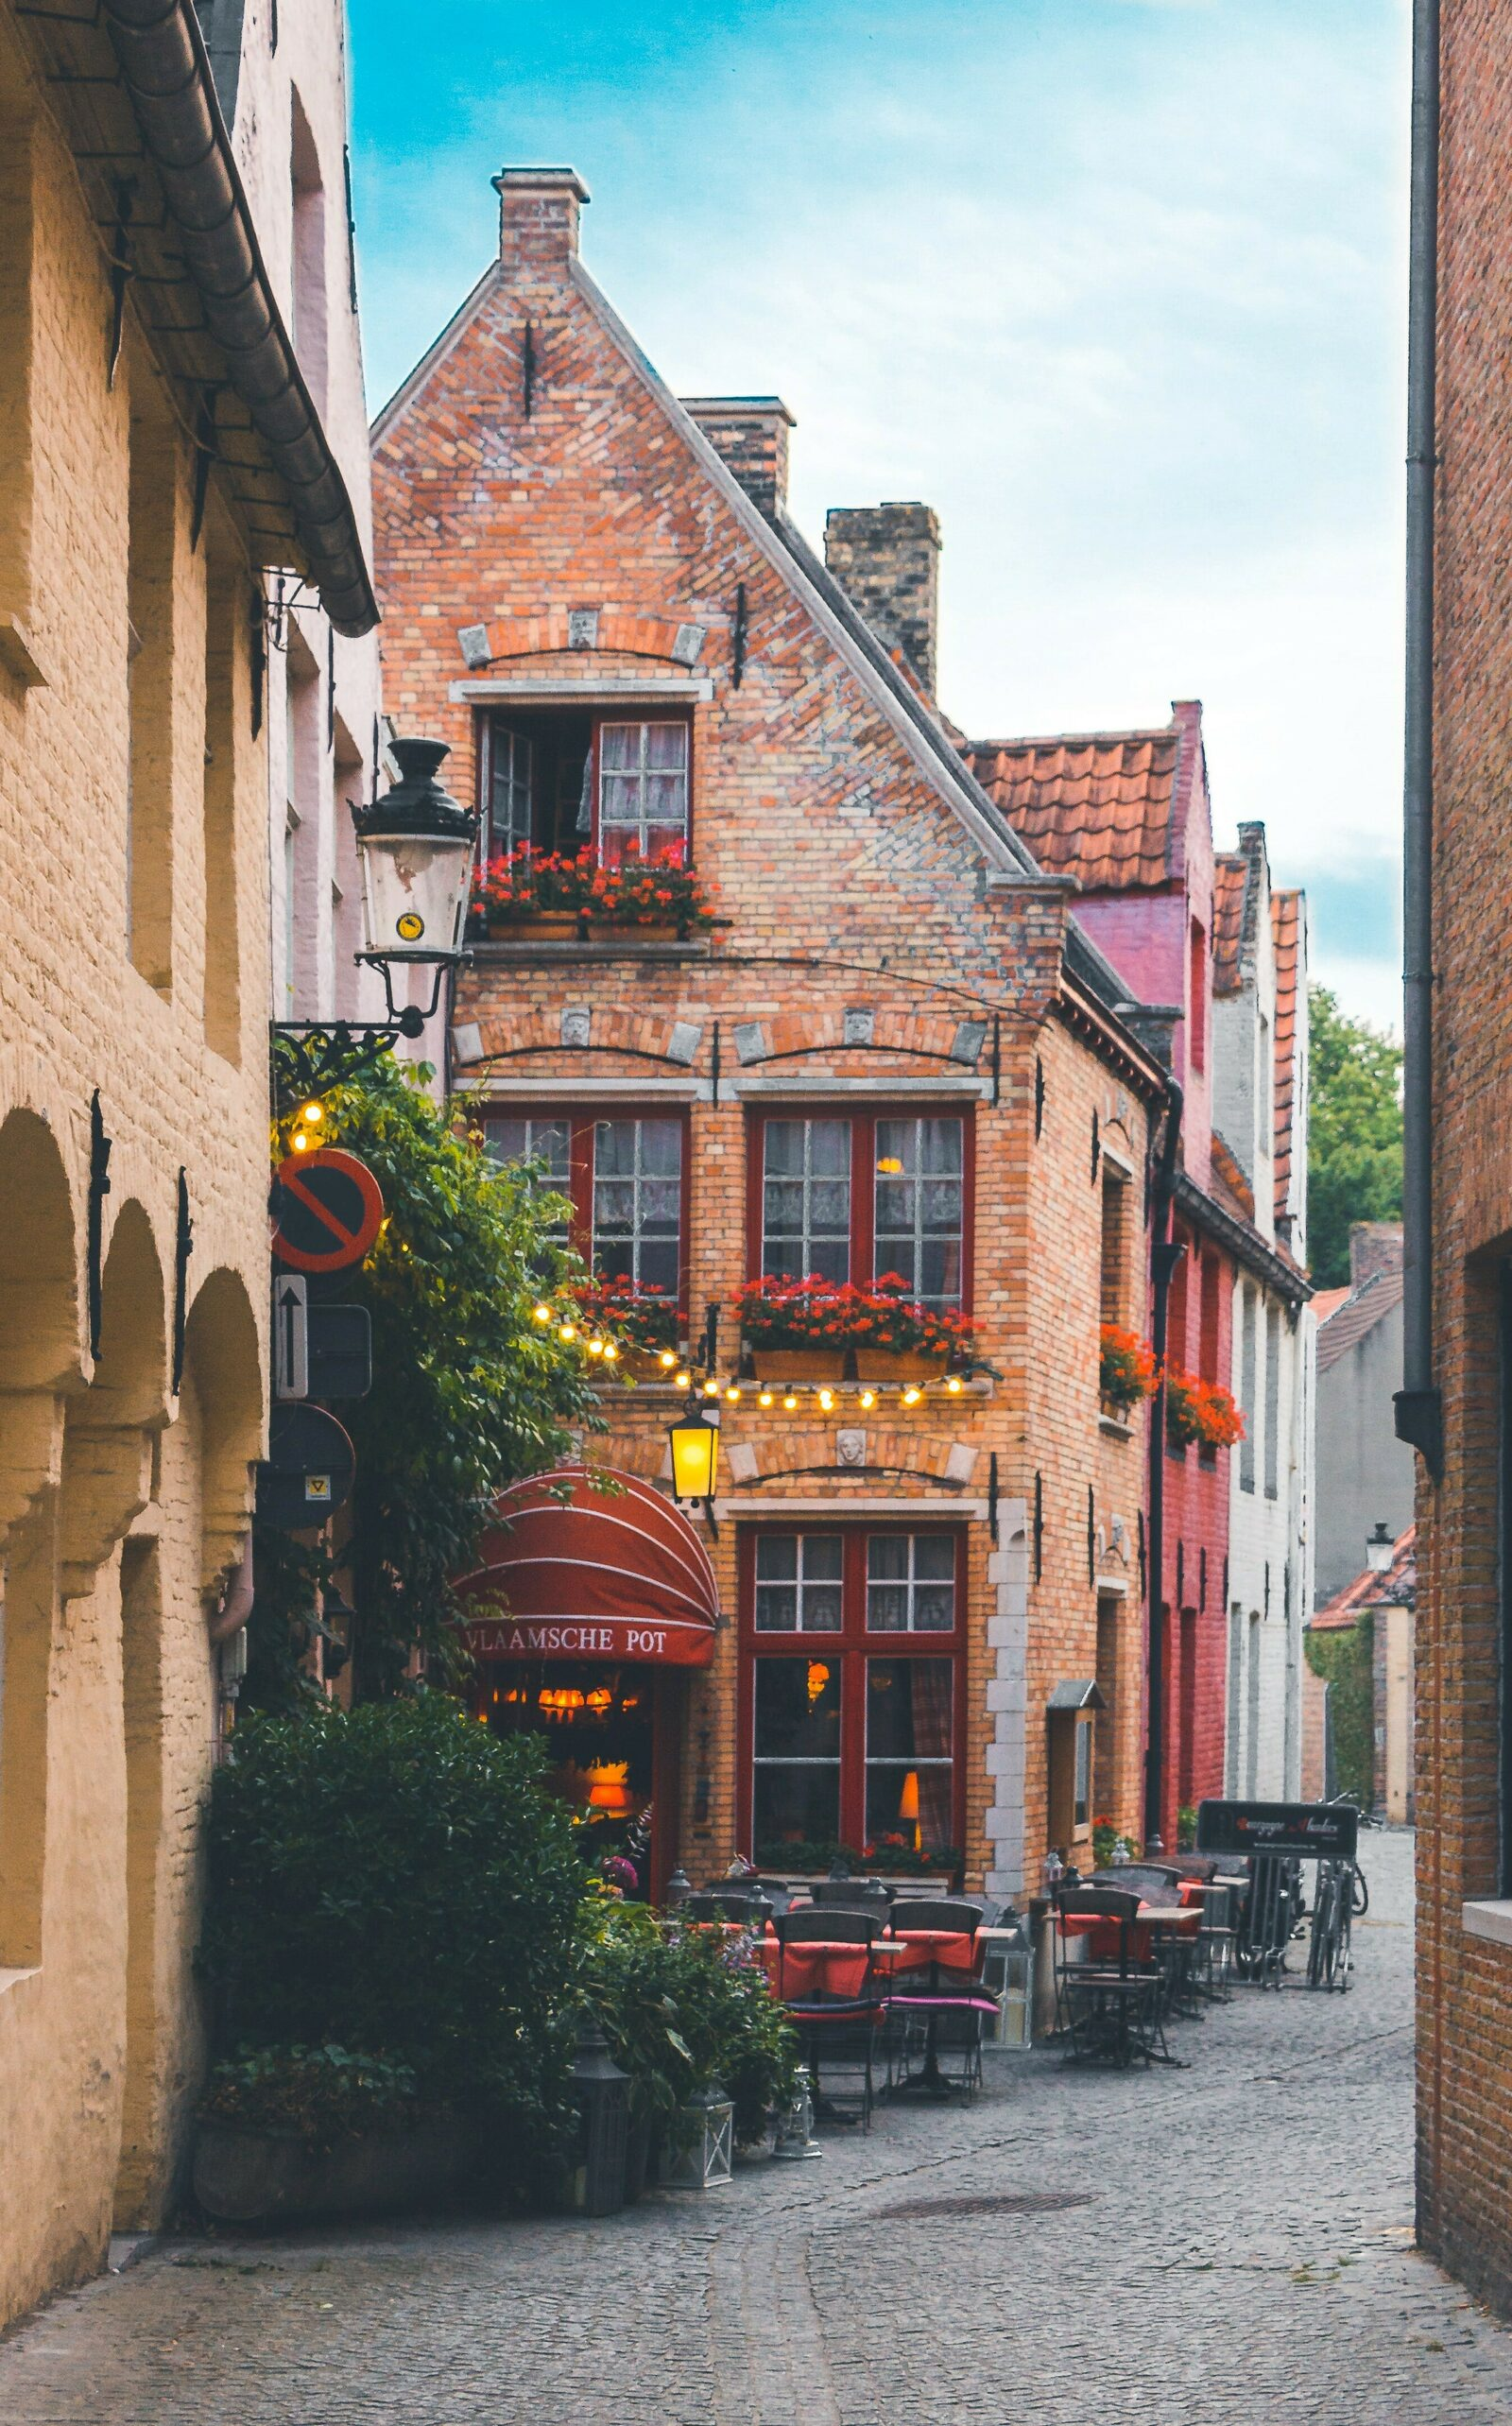 secret spots - Holiday Suites - armenhuizen Brugge